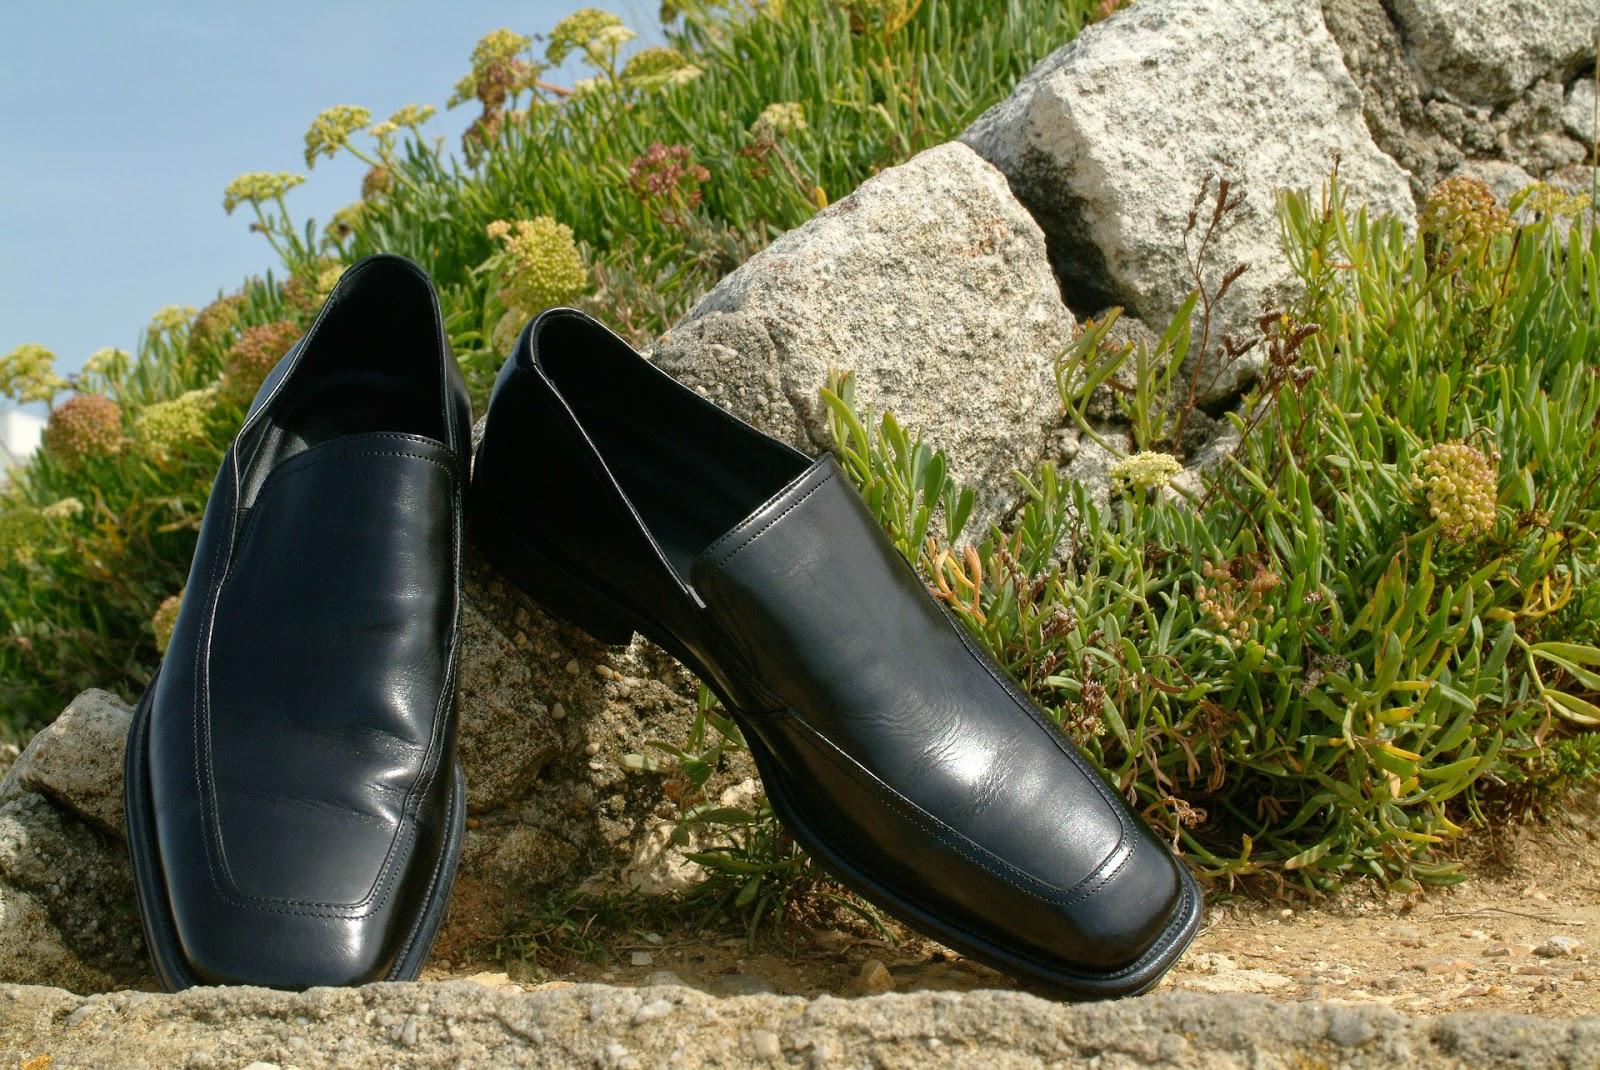 Πώς αφαιρούμε την πίσσα από τα δερμάτινα παπούτσια;